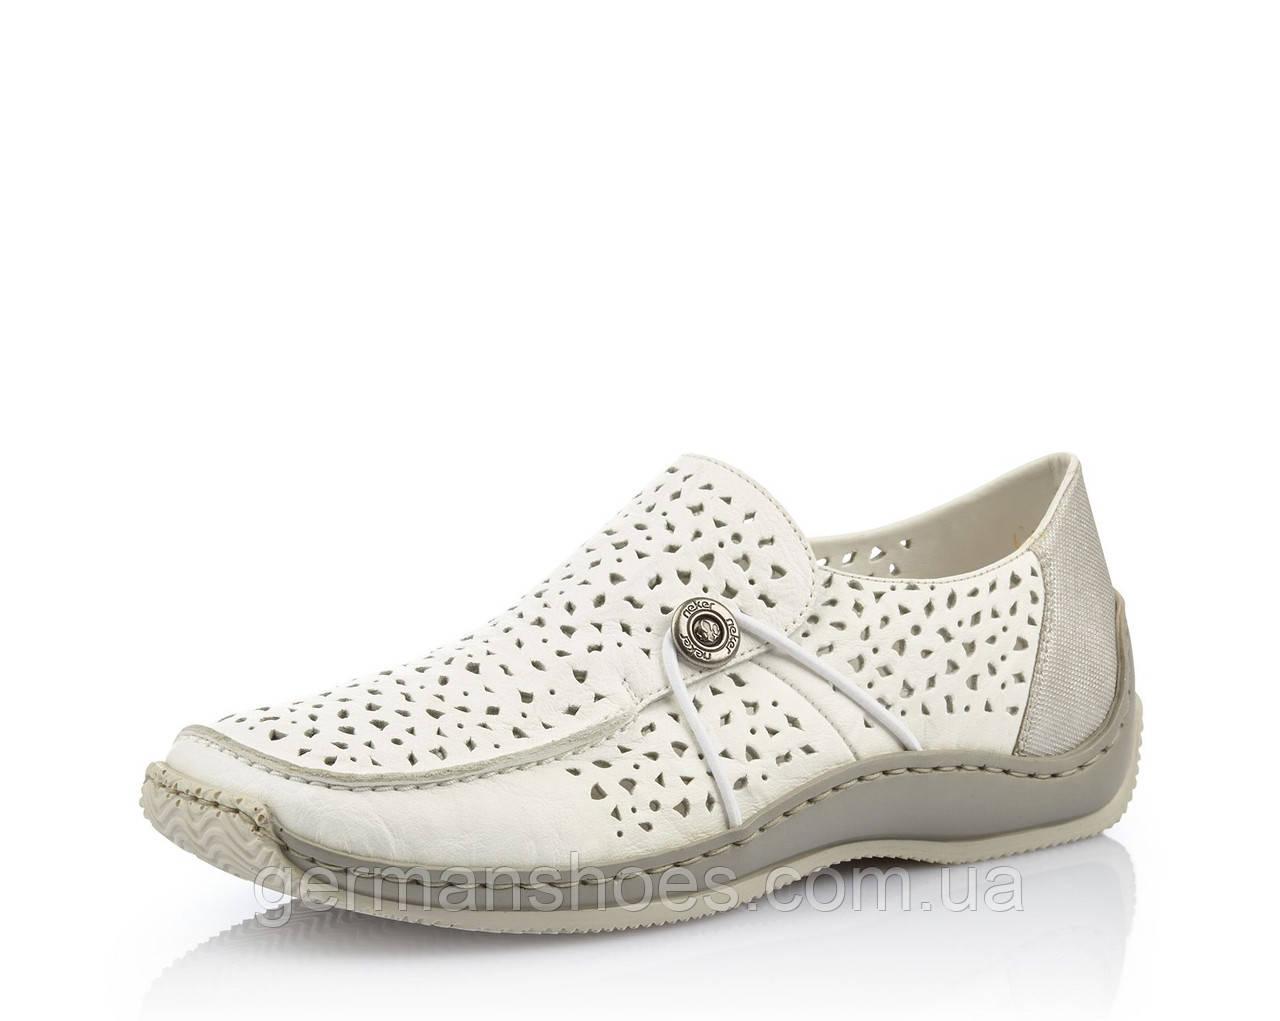 Туфлі жіночі Rieker L1766-80